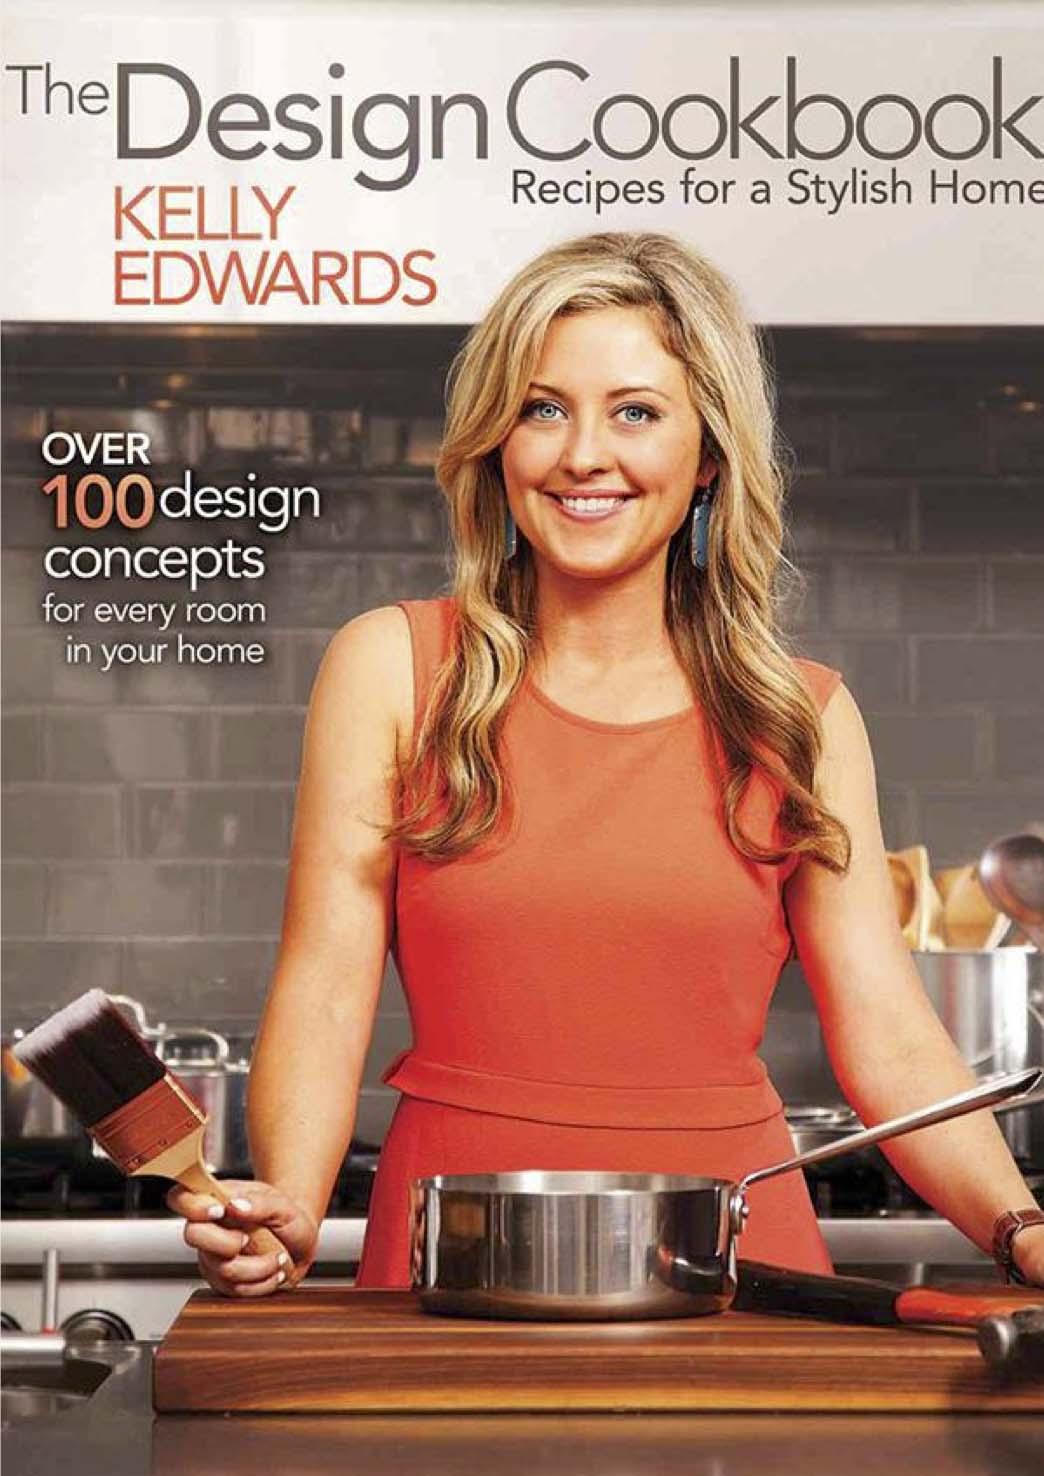 Design Cookbook1-cropped.jpg